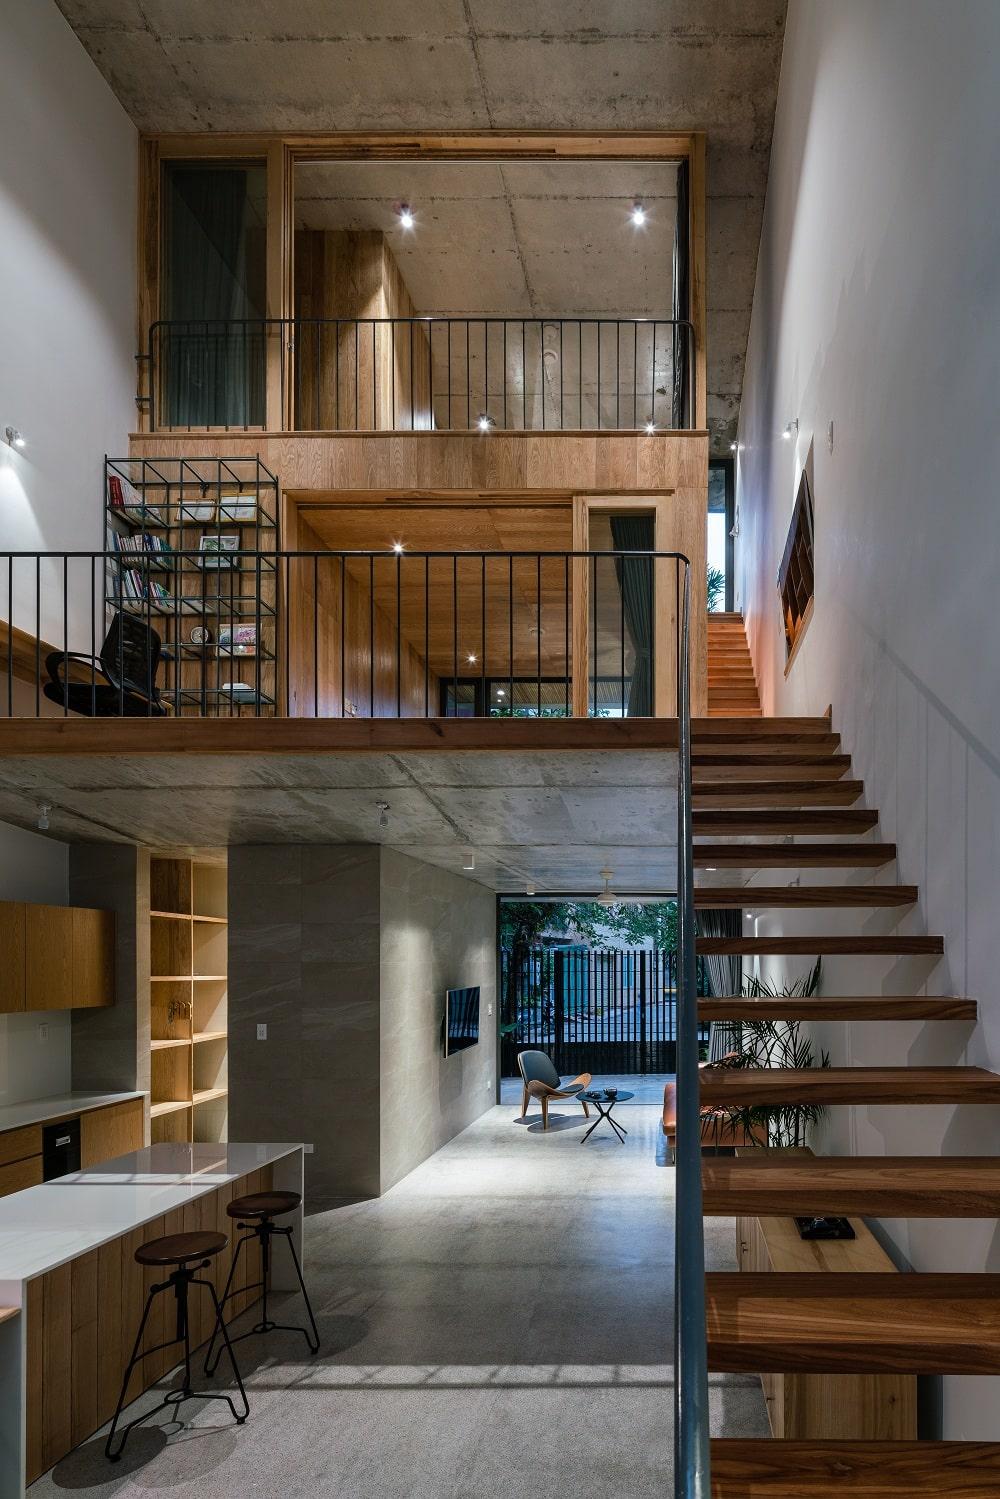 Mẫu 4: Mẫu phòng khách dành cho nhà ống gần cầu thang gỗ đẹp